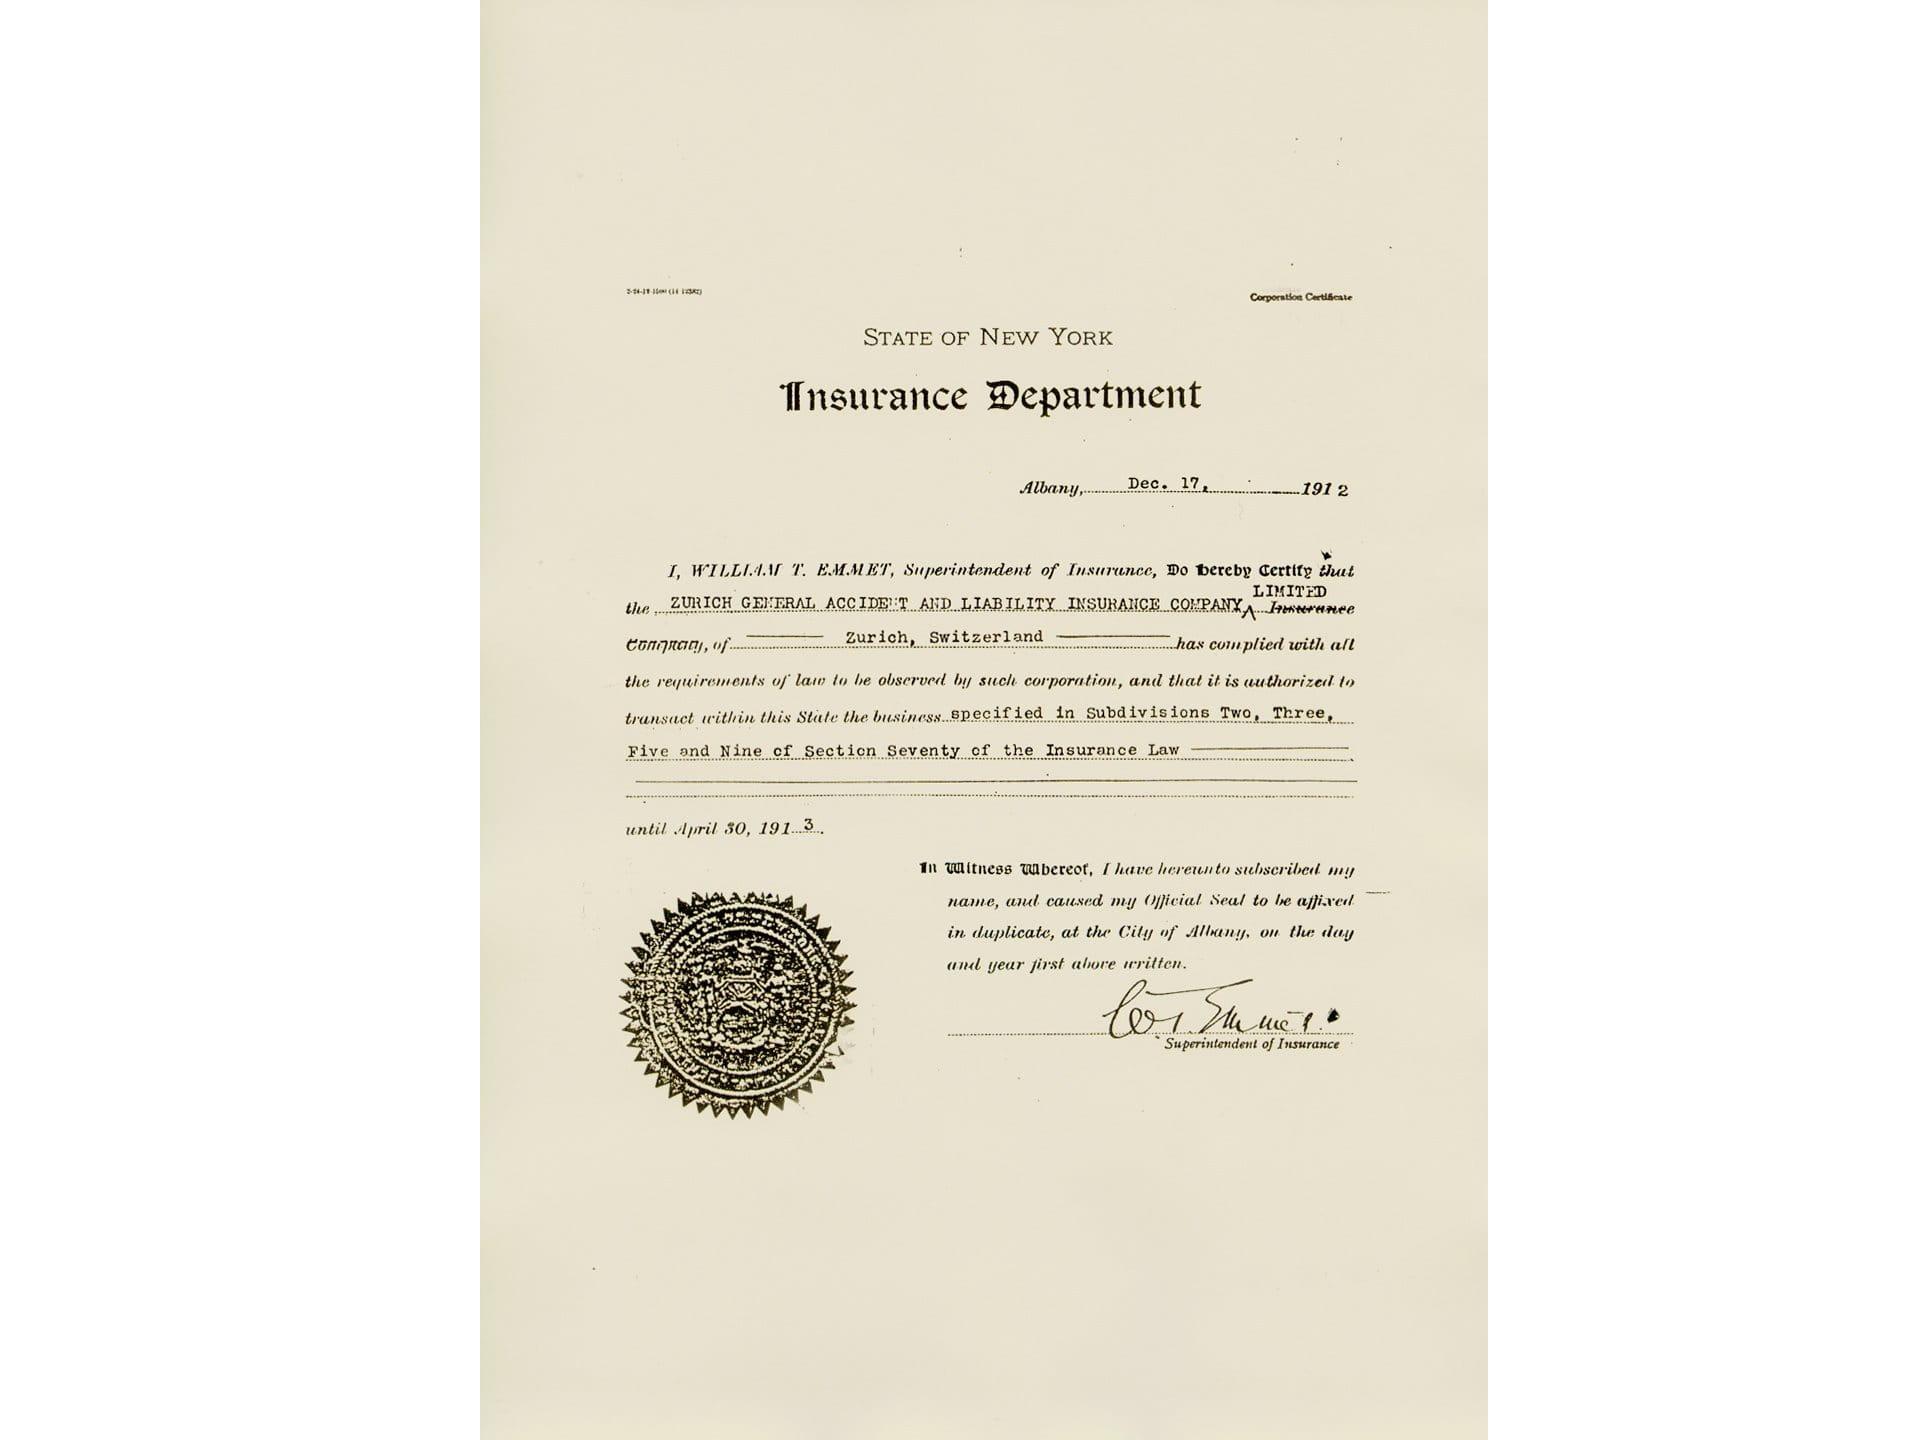 1912: Eintritt in den US-amerikanischen Markt